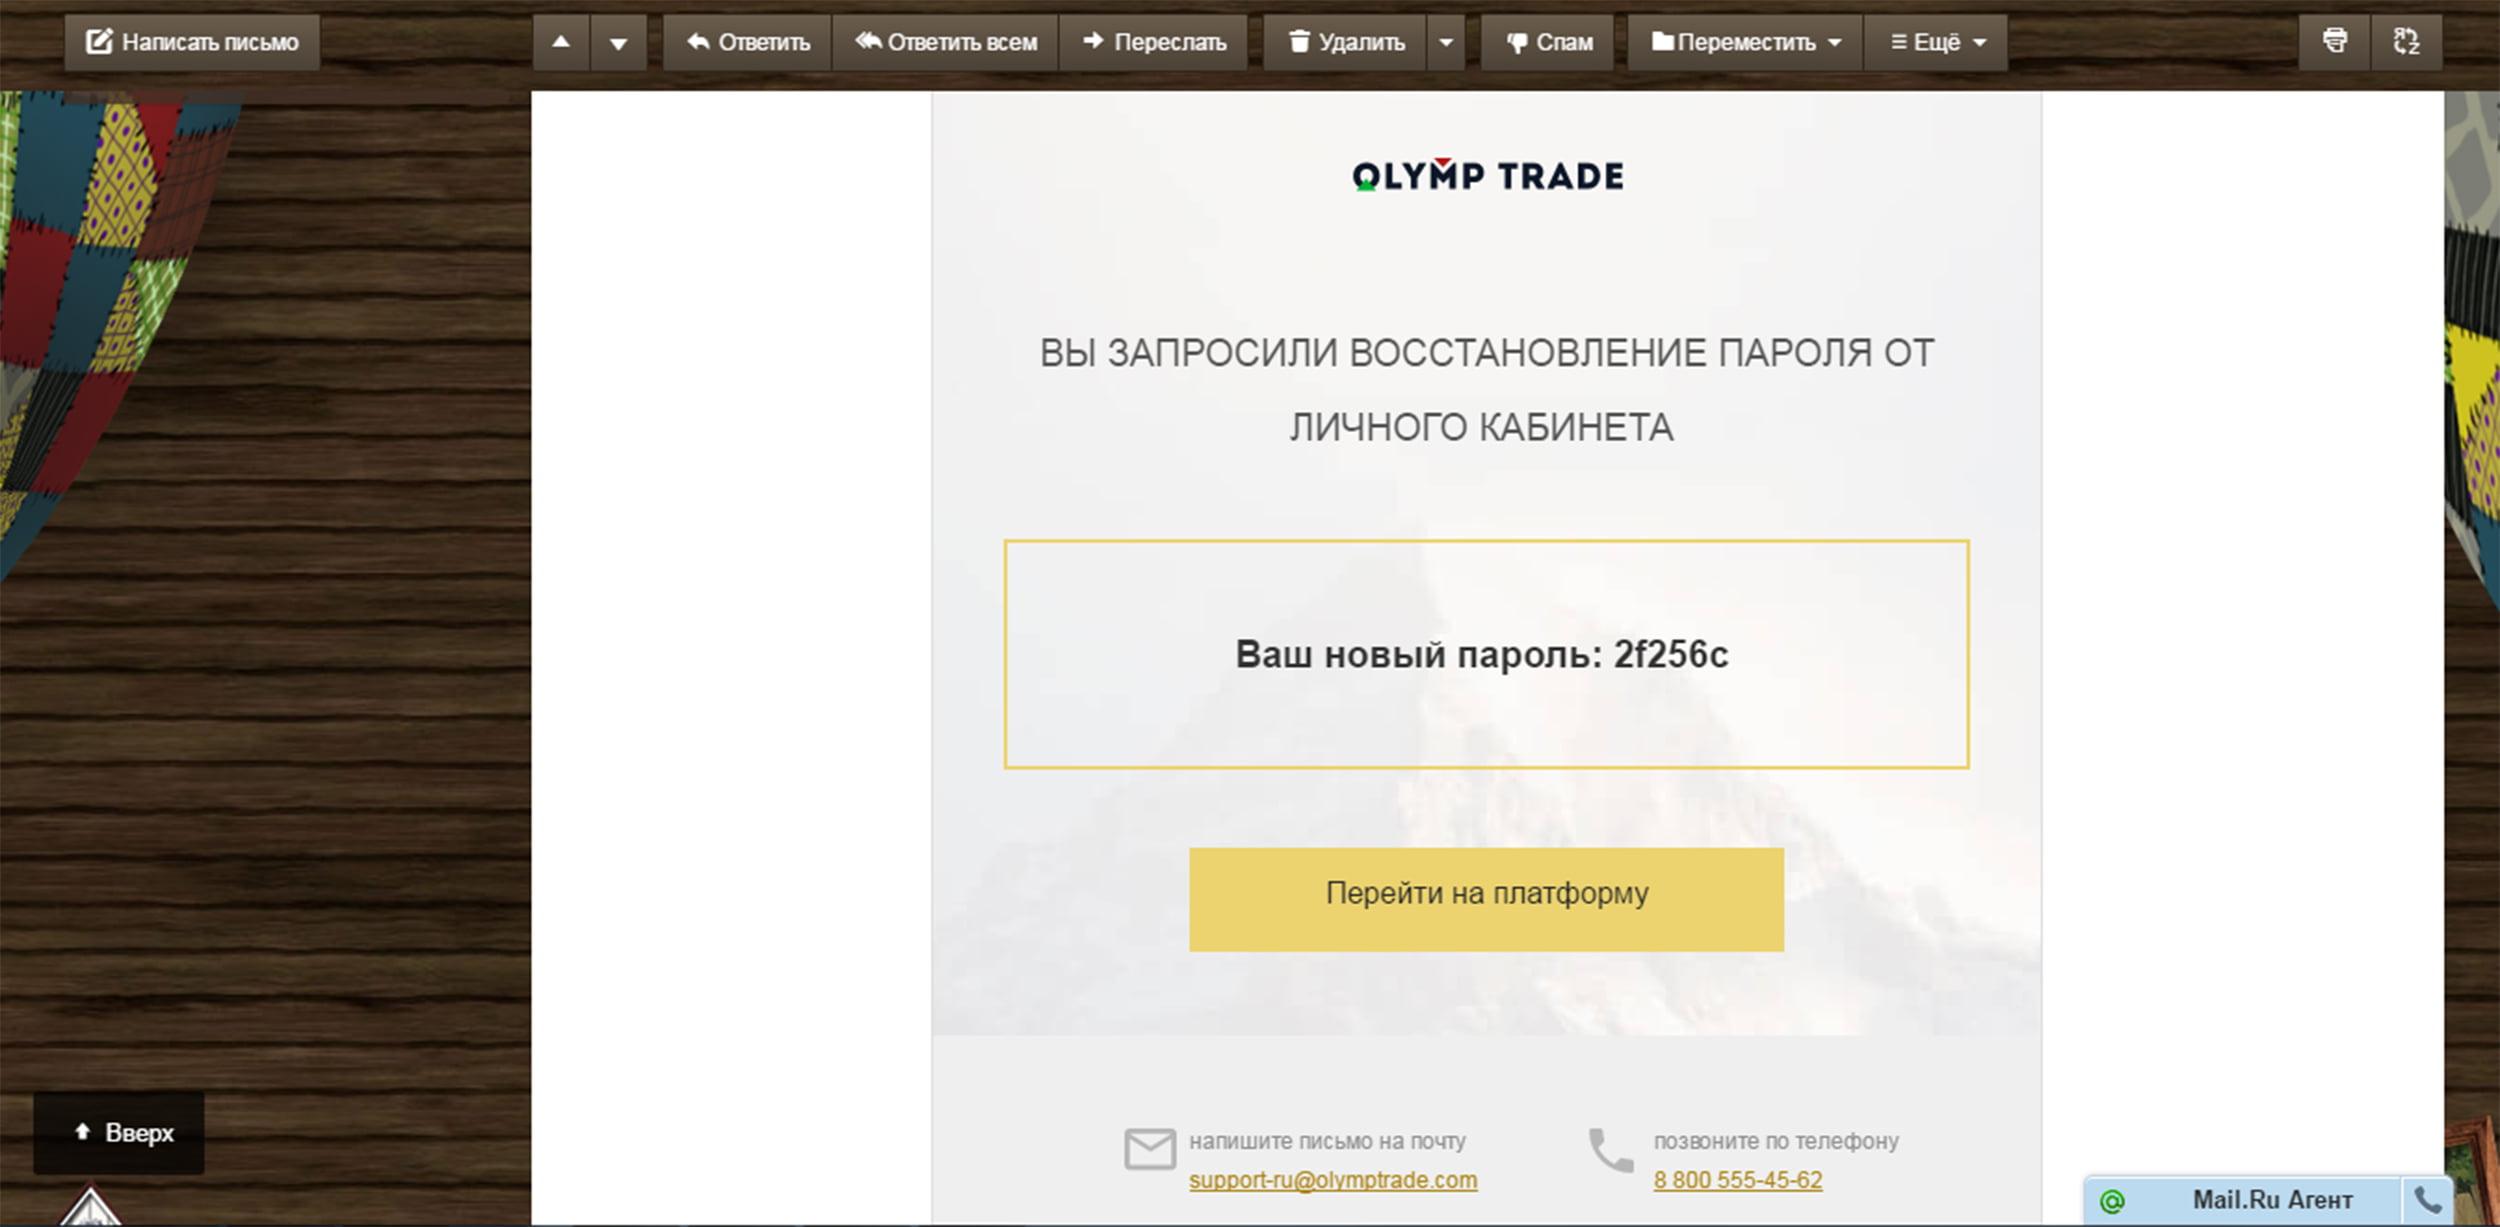 Получение пароля на Olymp Trade